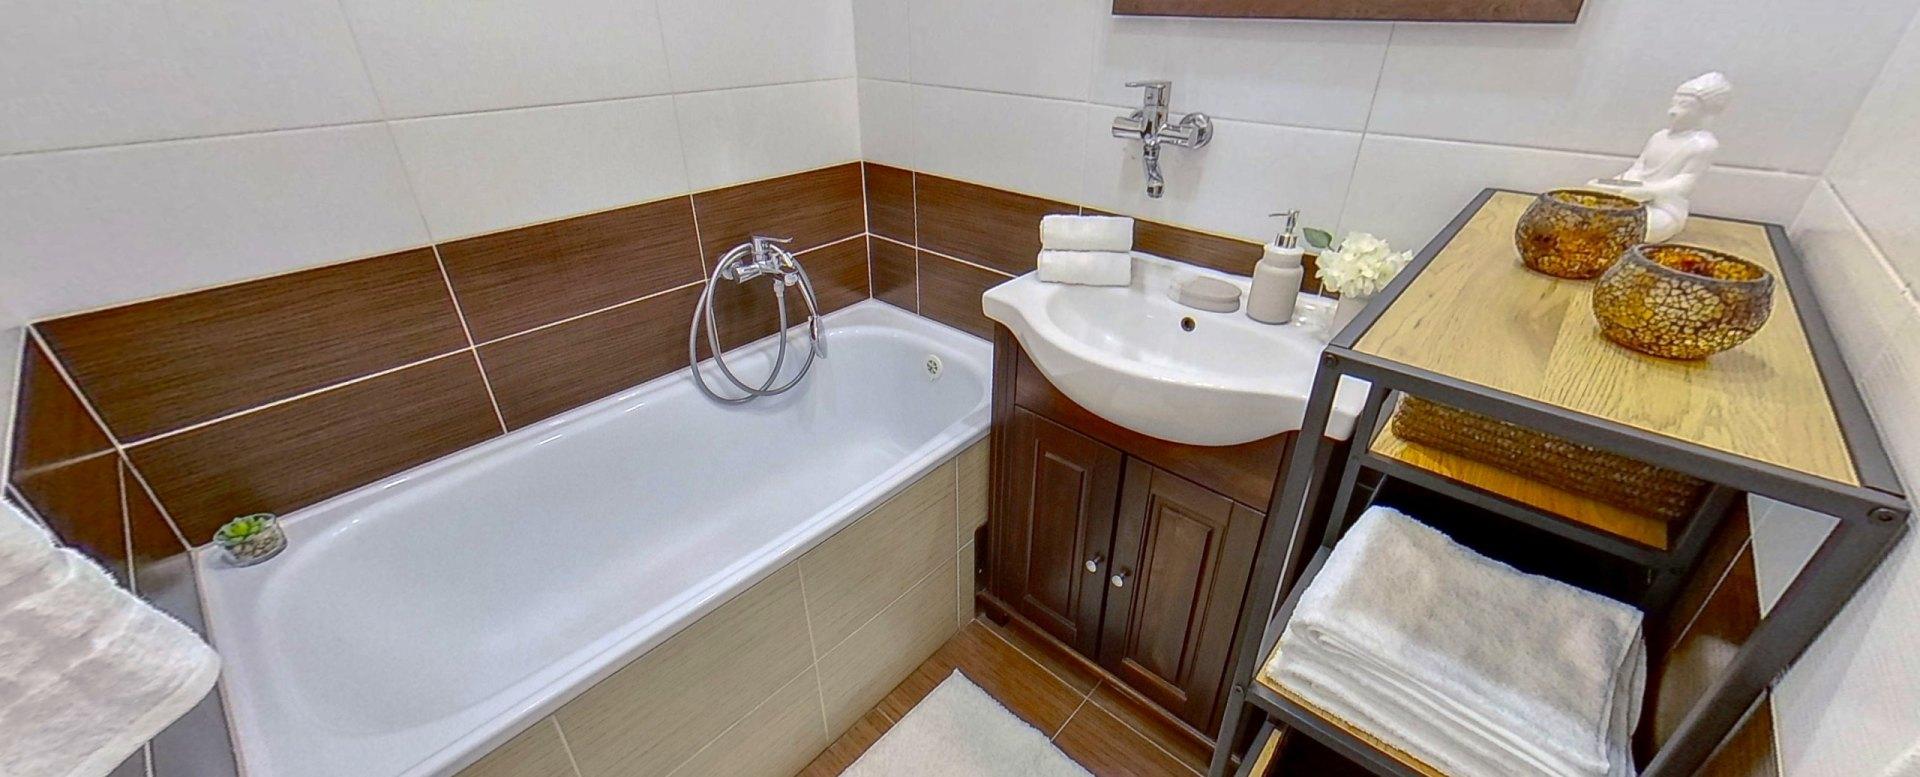 Pohľad na vaňu a umývadlo so skrinkou v kúpeľni